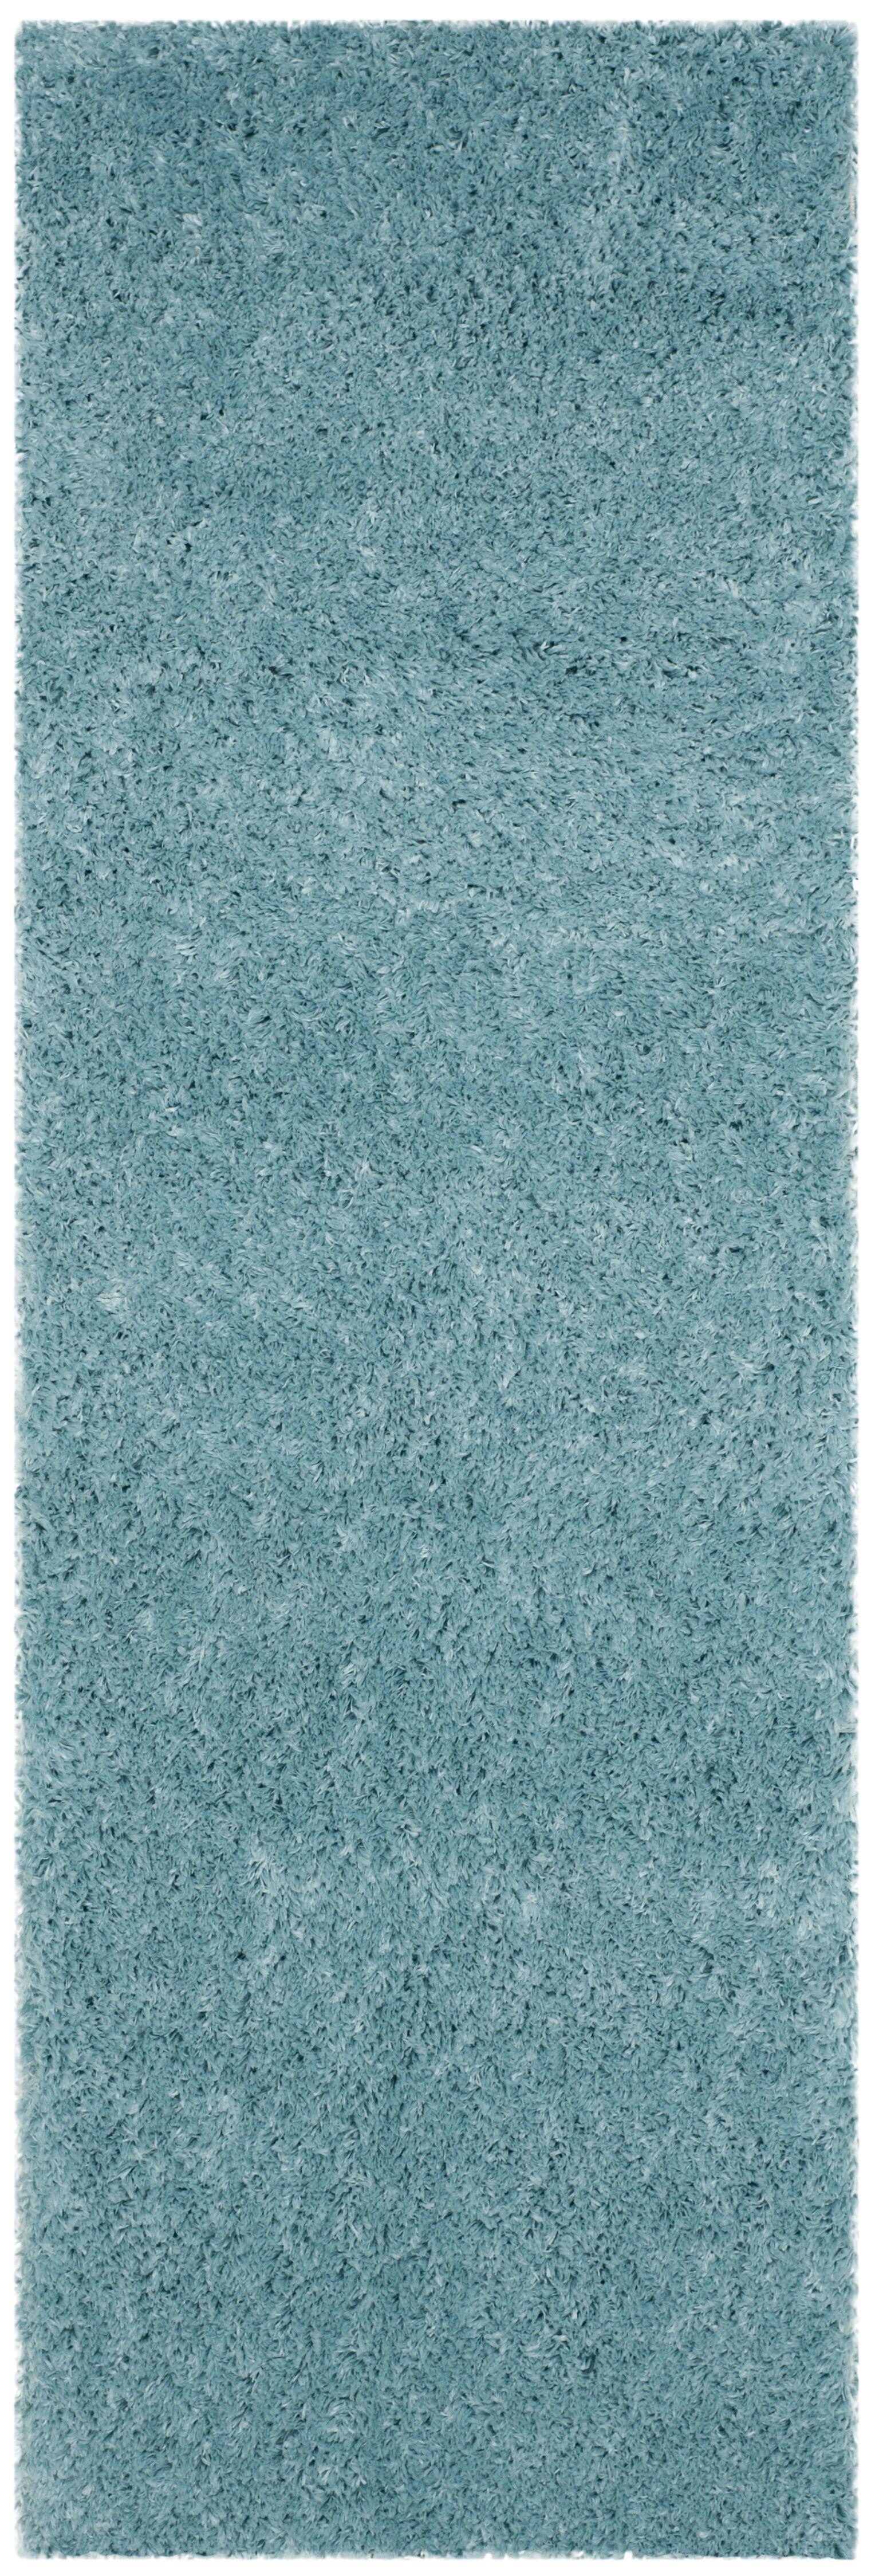 Zirconia Turquoise Area Rug Rug Size: Runner 2'3